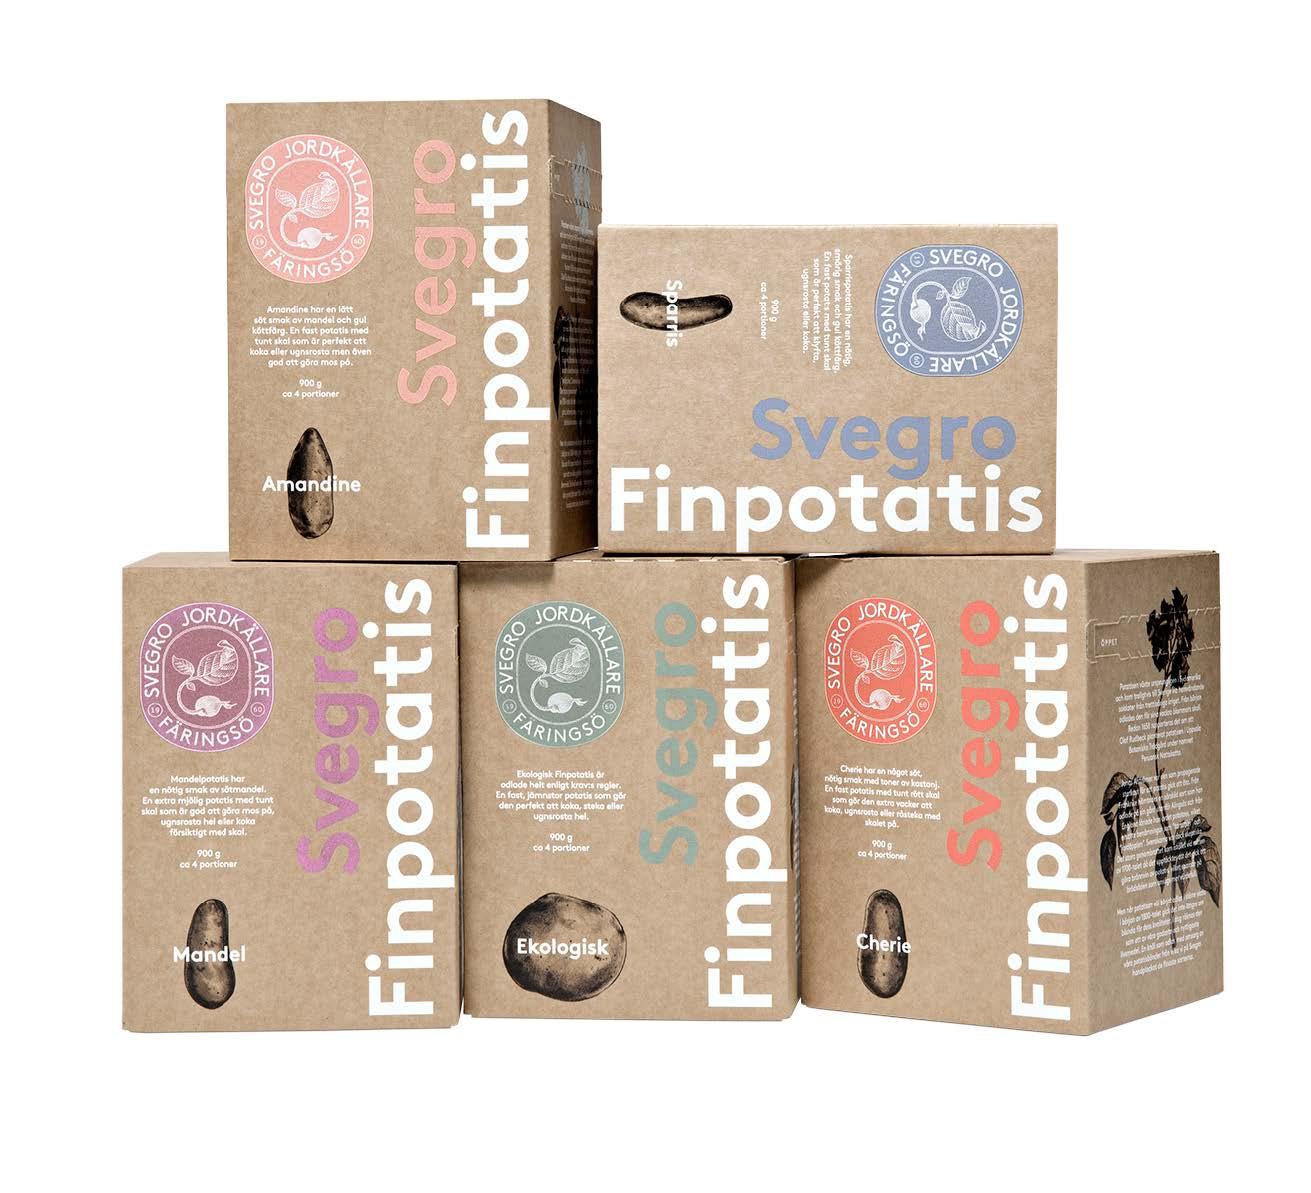 Svegro Finpotatis Förpackning